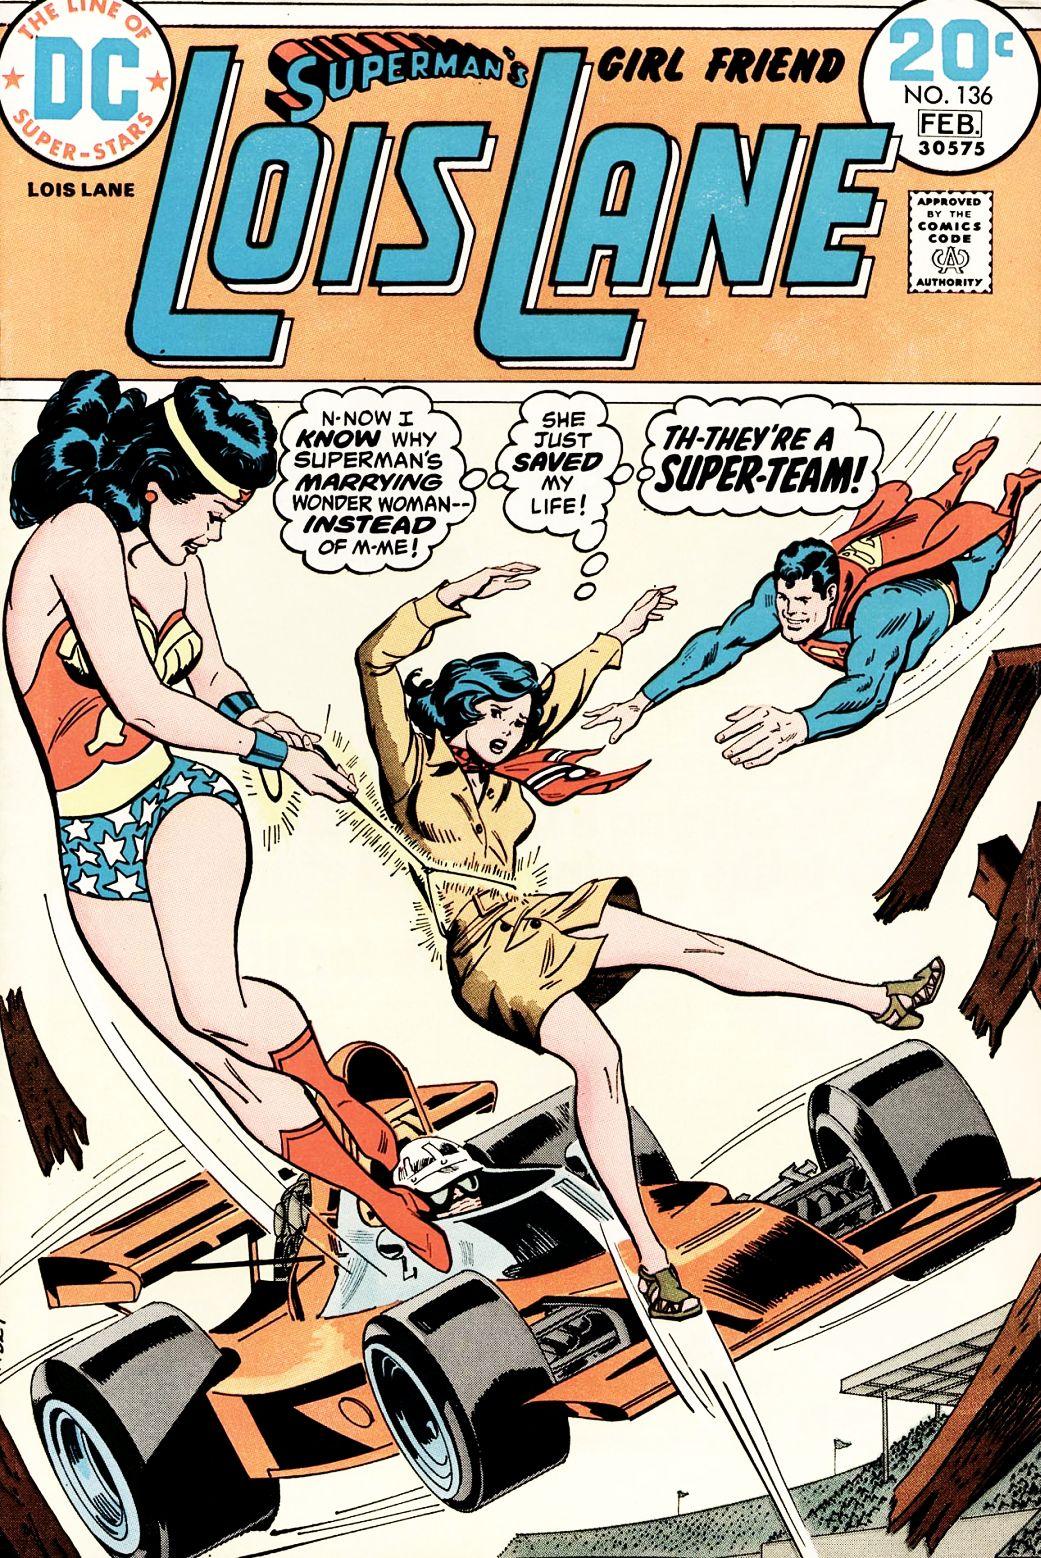 Supermans Girl Friend, Lois Lane 136 Page 1